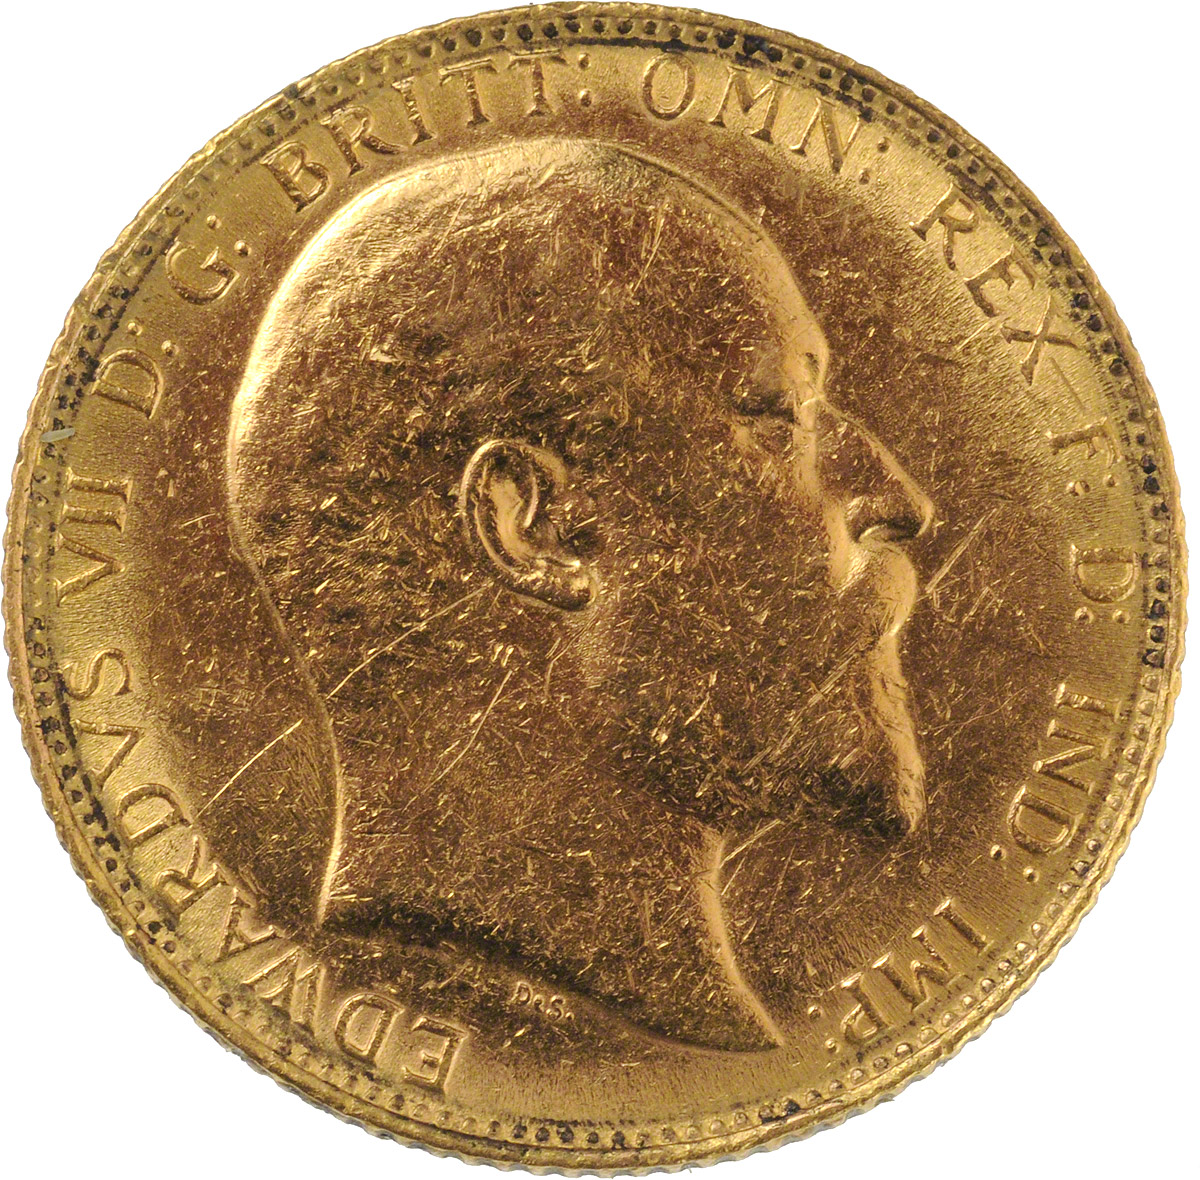 1908 Εδουάρδος Ζ' (Νομισματοκοπείο Λονδίνου)